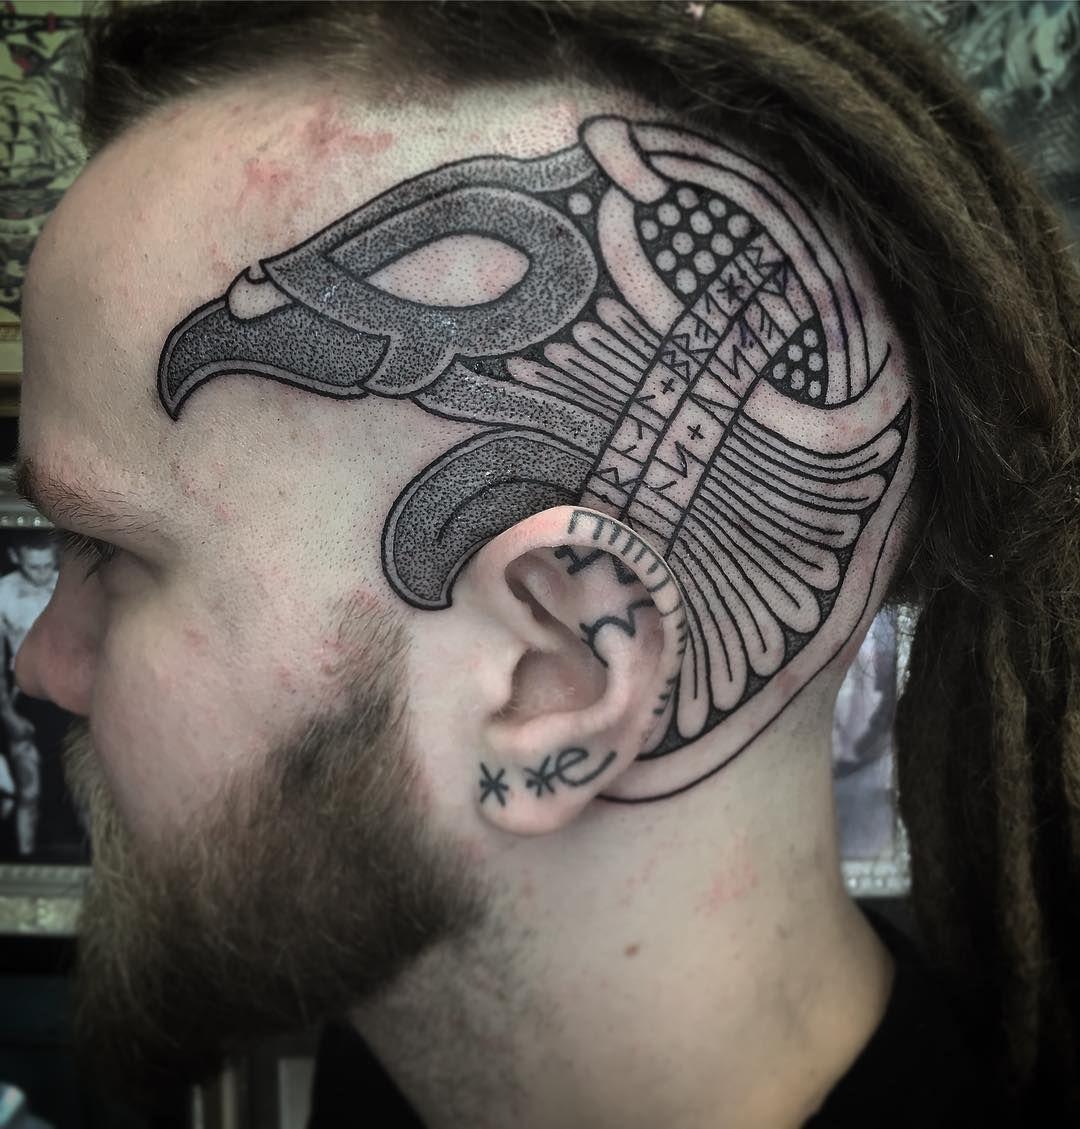 Ragnar Lothbrok Raven Tattoo